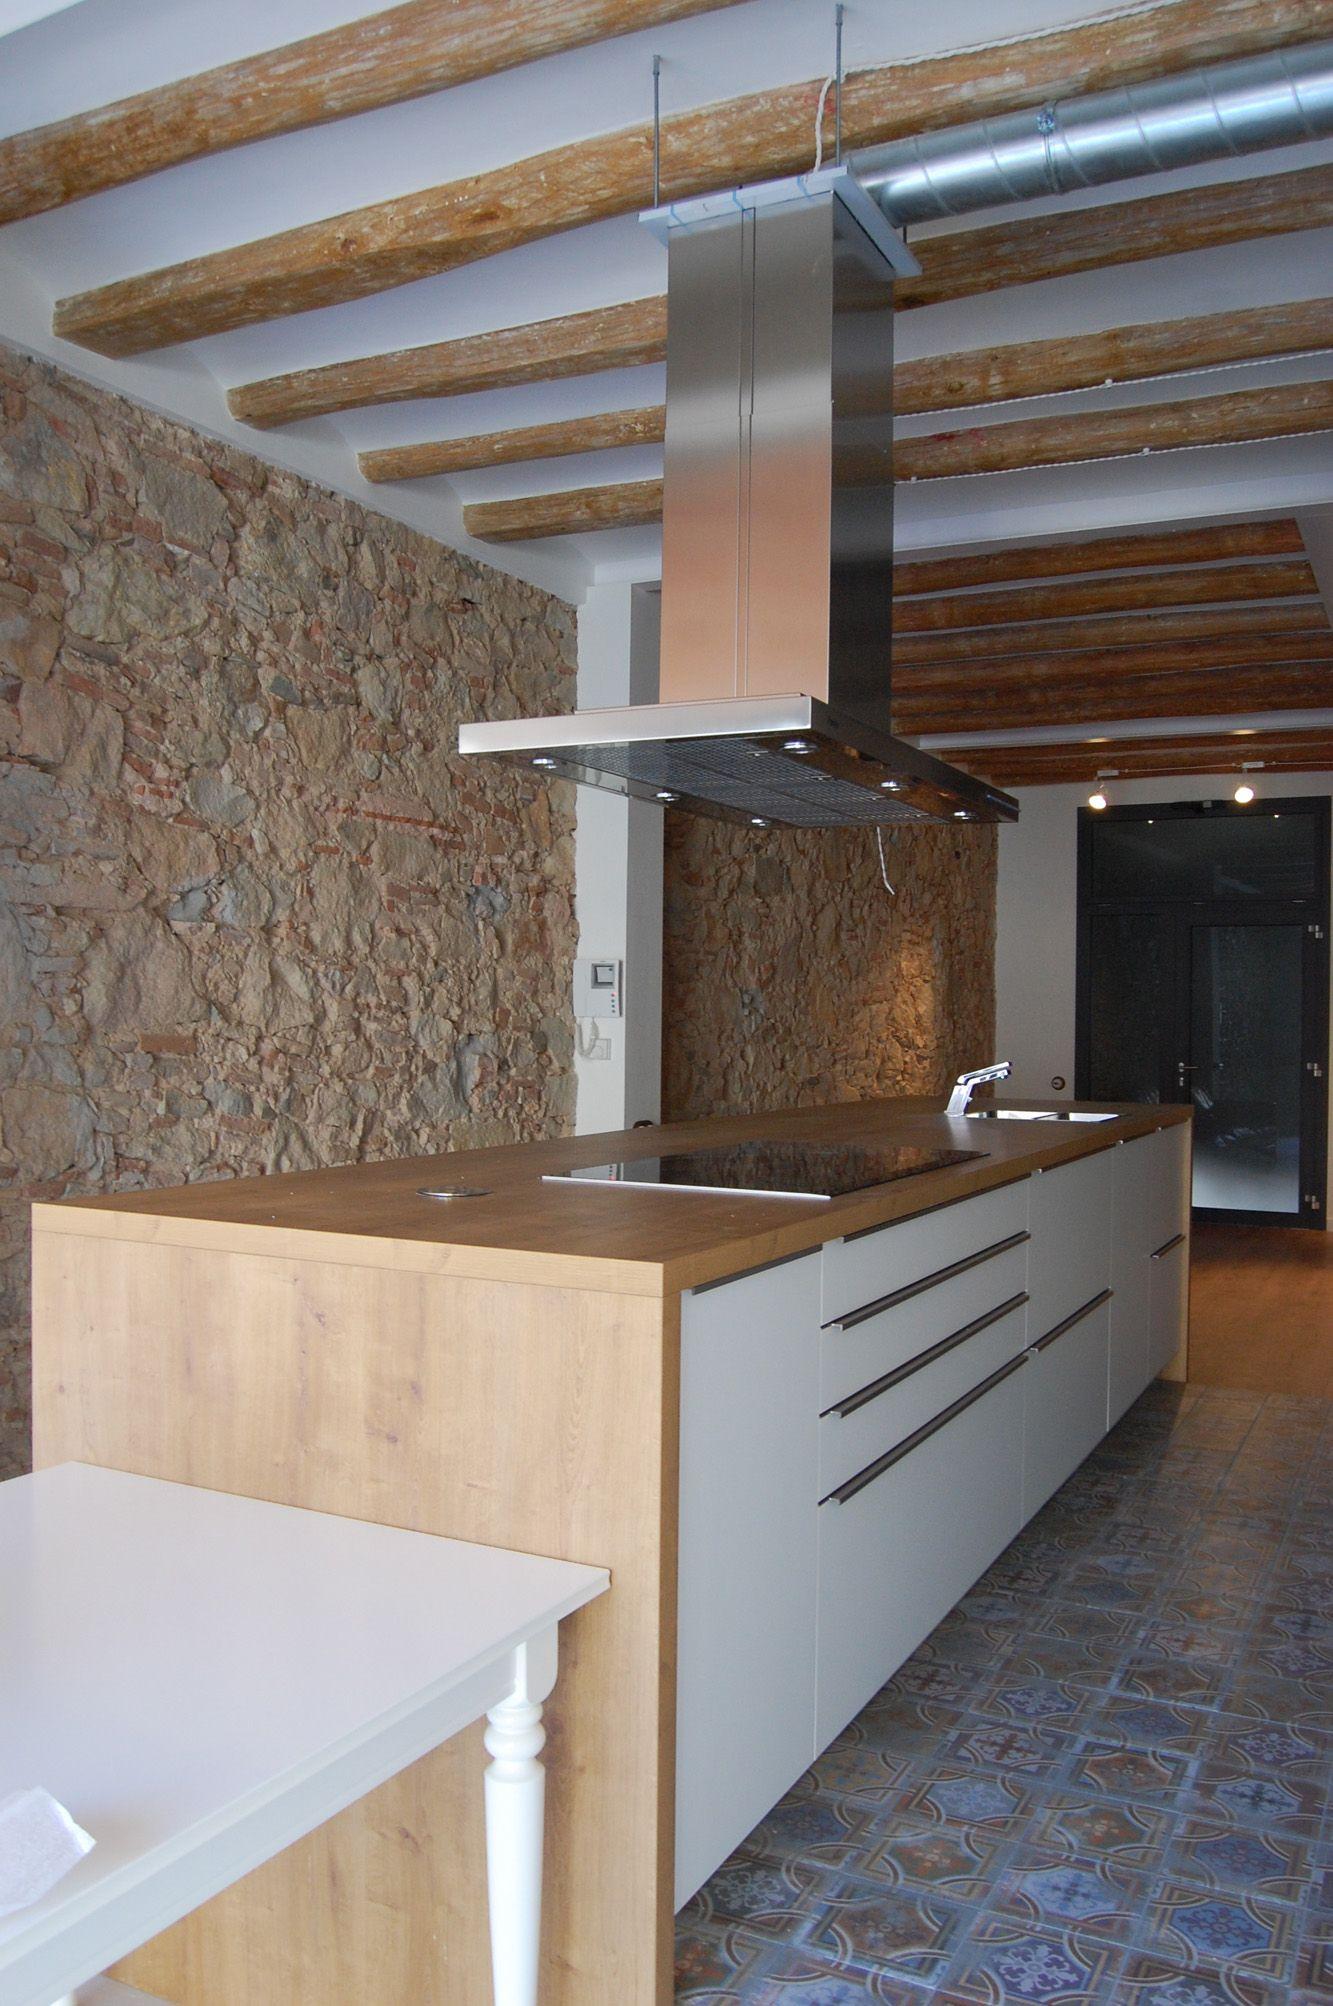 Dise O Cocina Isla Muebles Pinterest Dise O Cocinas Dise O  # Muebles De Cocina Feos